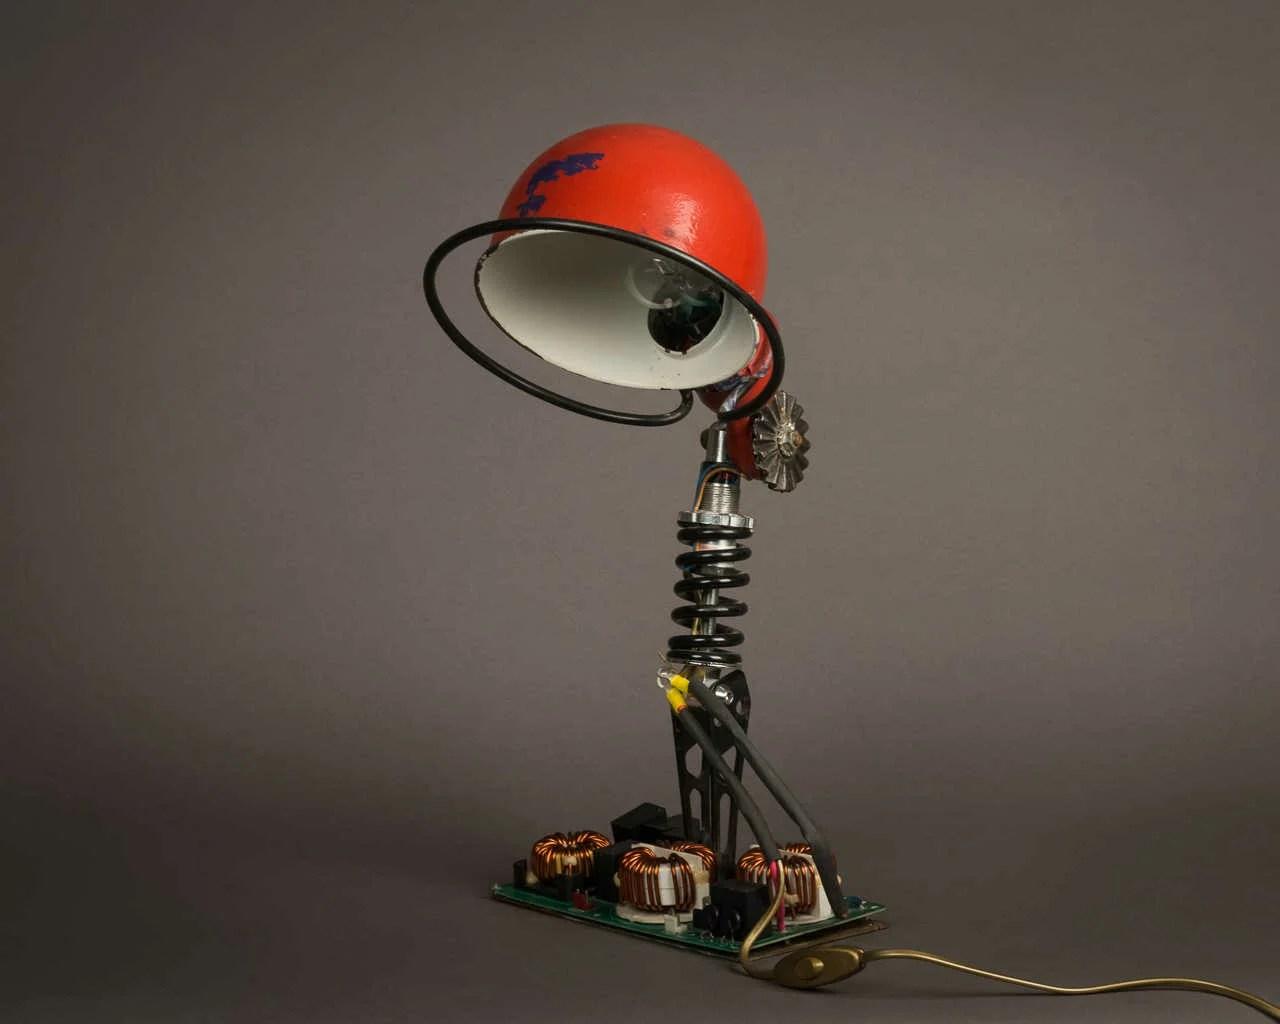 lampes Jieldé lampe industrielle jielde lampe Jieldé lampe d'atelier JLD Jieldé